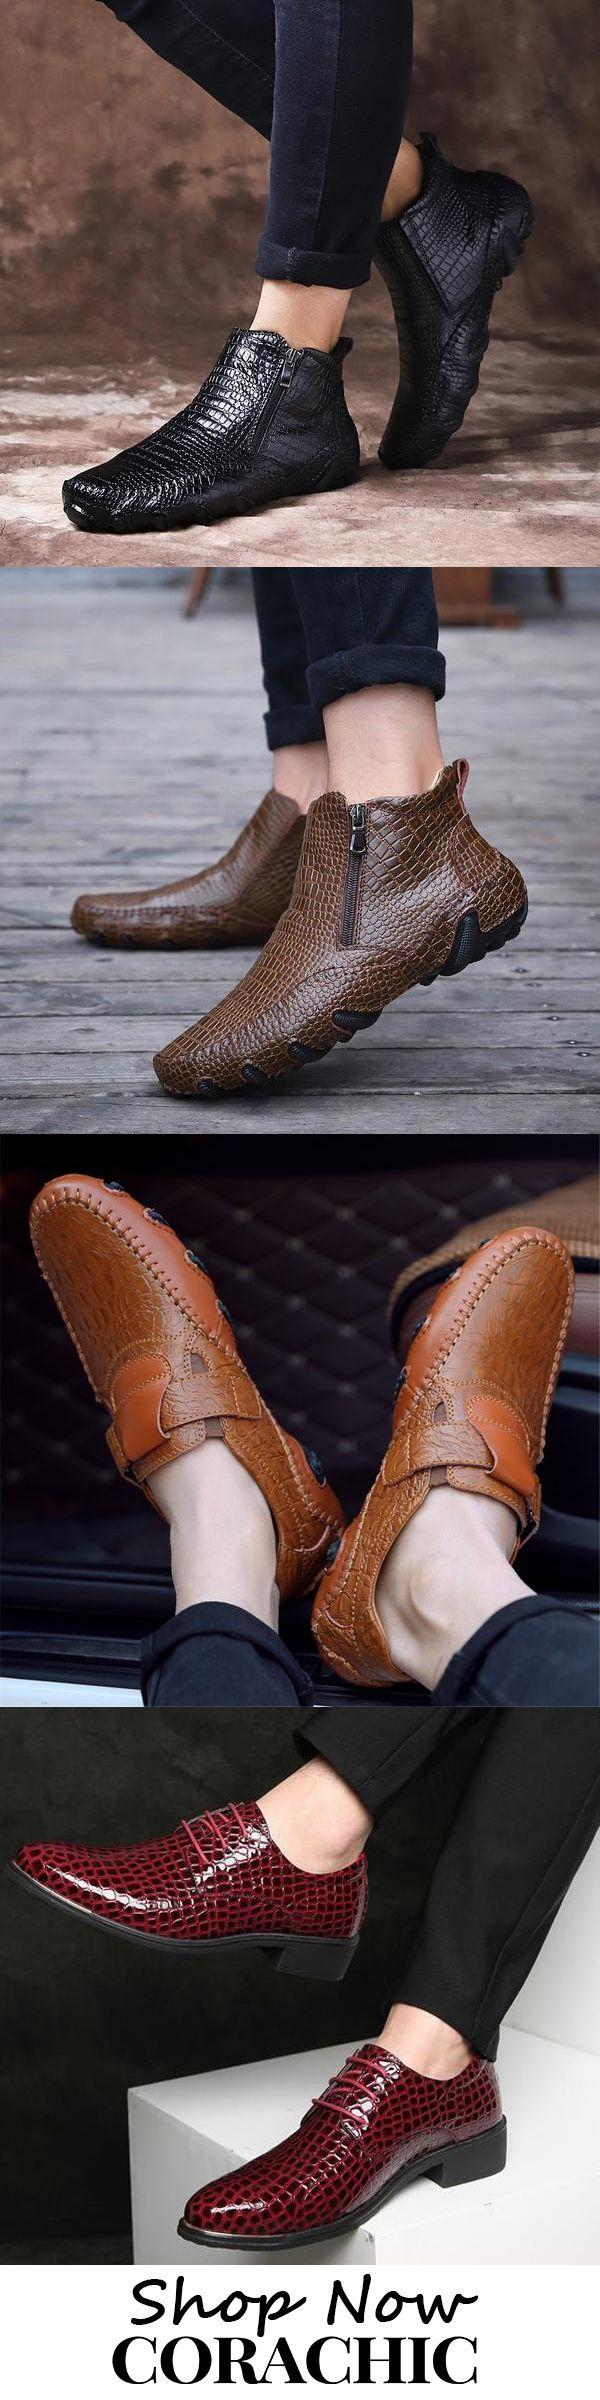 2019 Hot Sale Men's Shoes Collections.Plus Size.Good Quality.Comfy.50%OFF!Shop now!